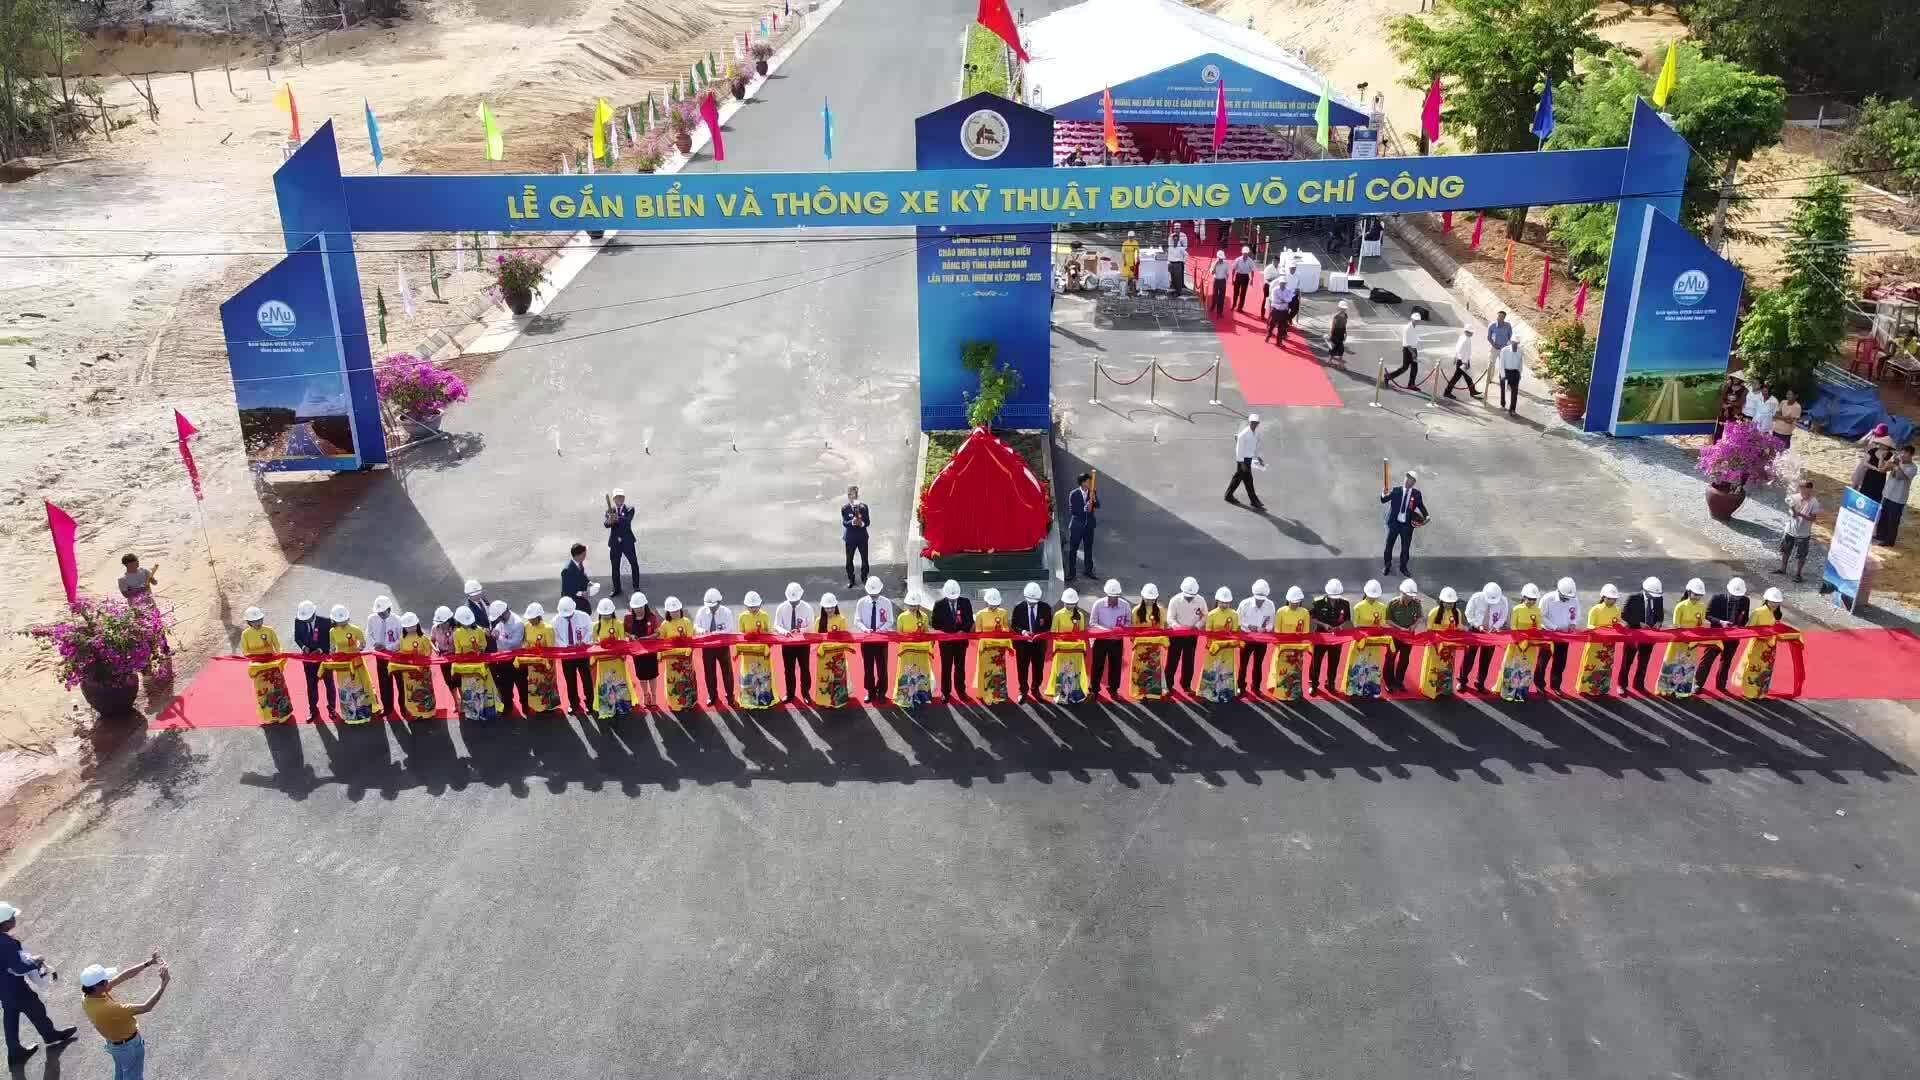 Thông xe kỹ thuật tuyến đường ven biển Quảng Nam